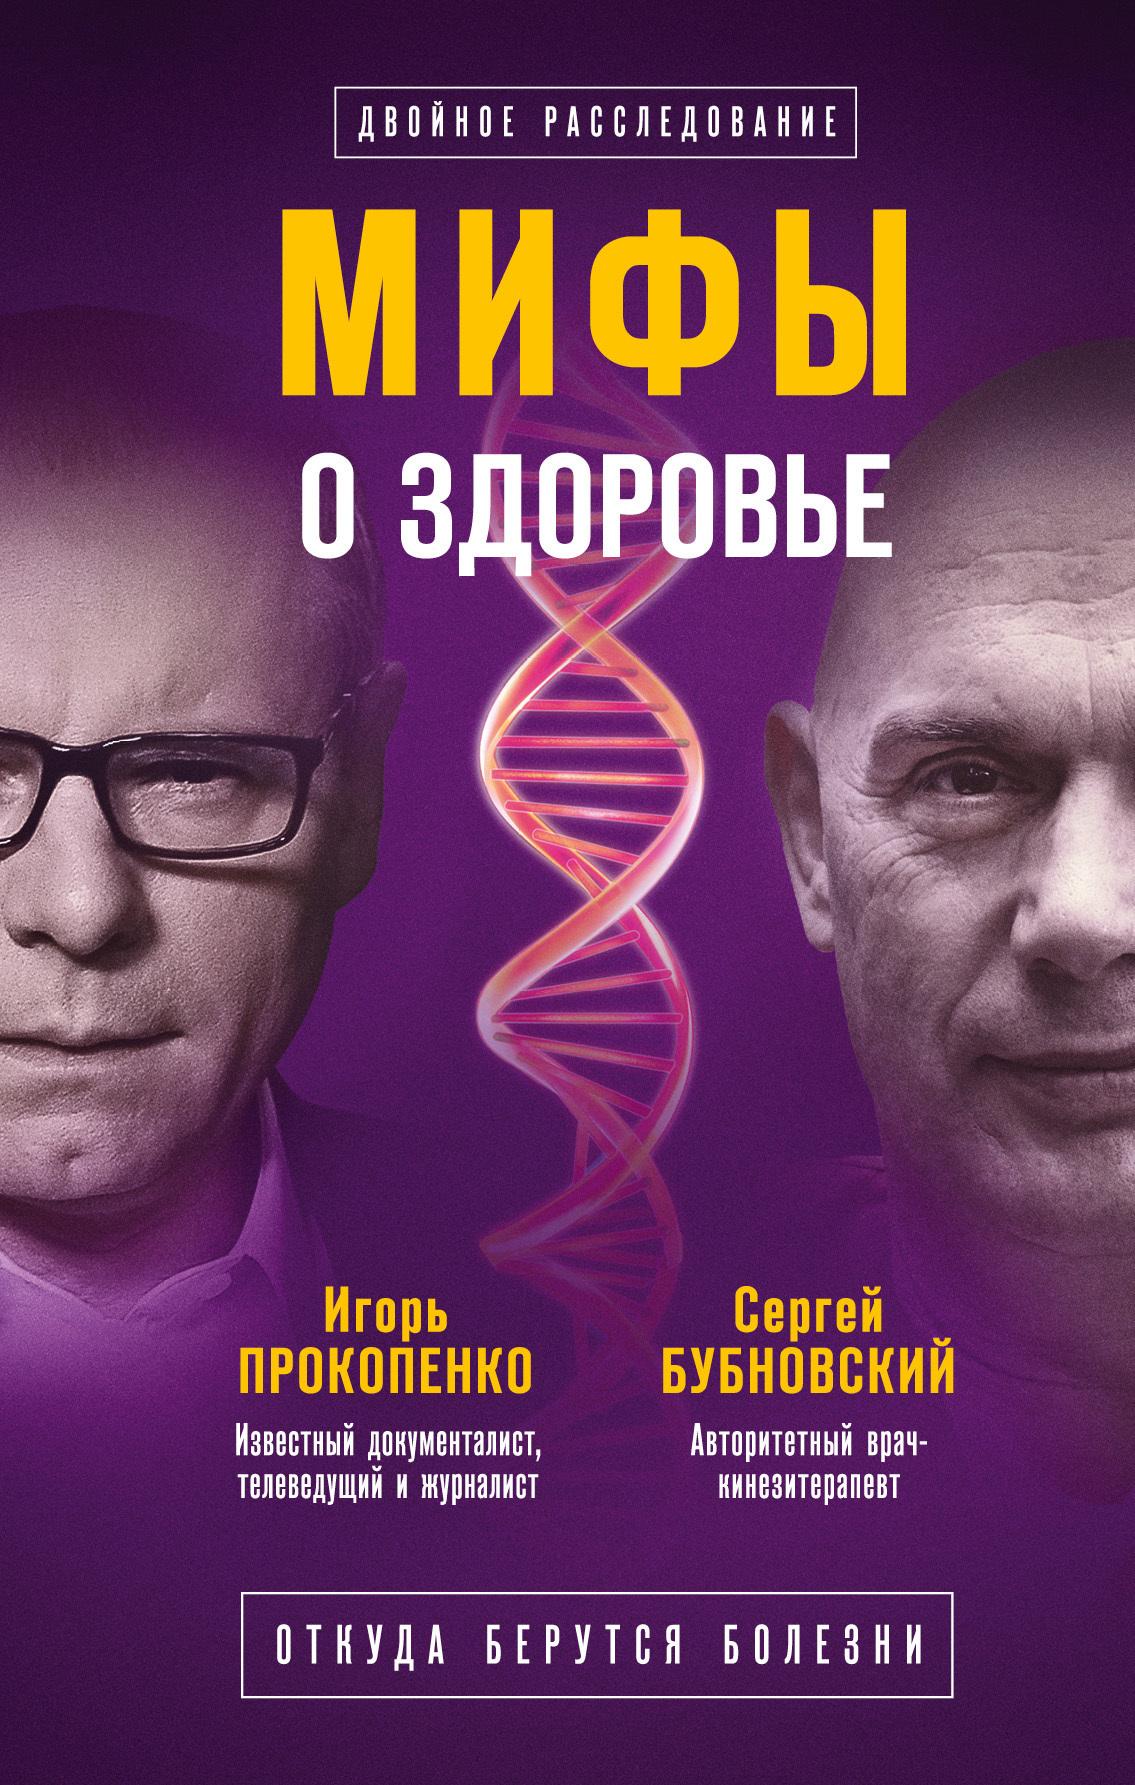 Сергей Бубновский, Игорь Прокопенко - Мифы о здоровье. Откуда берутся болезни